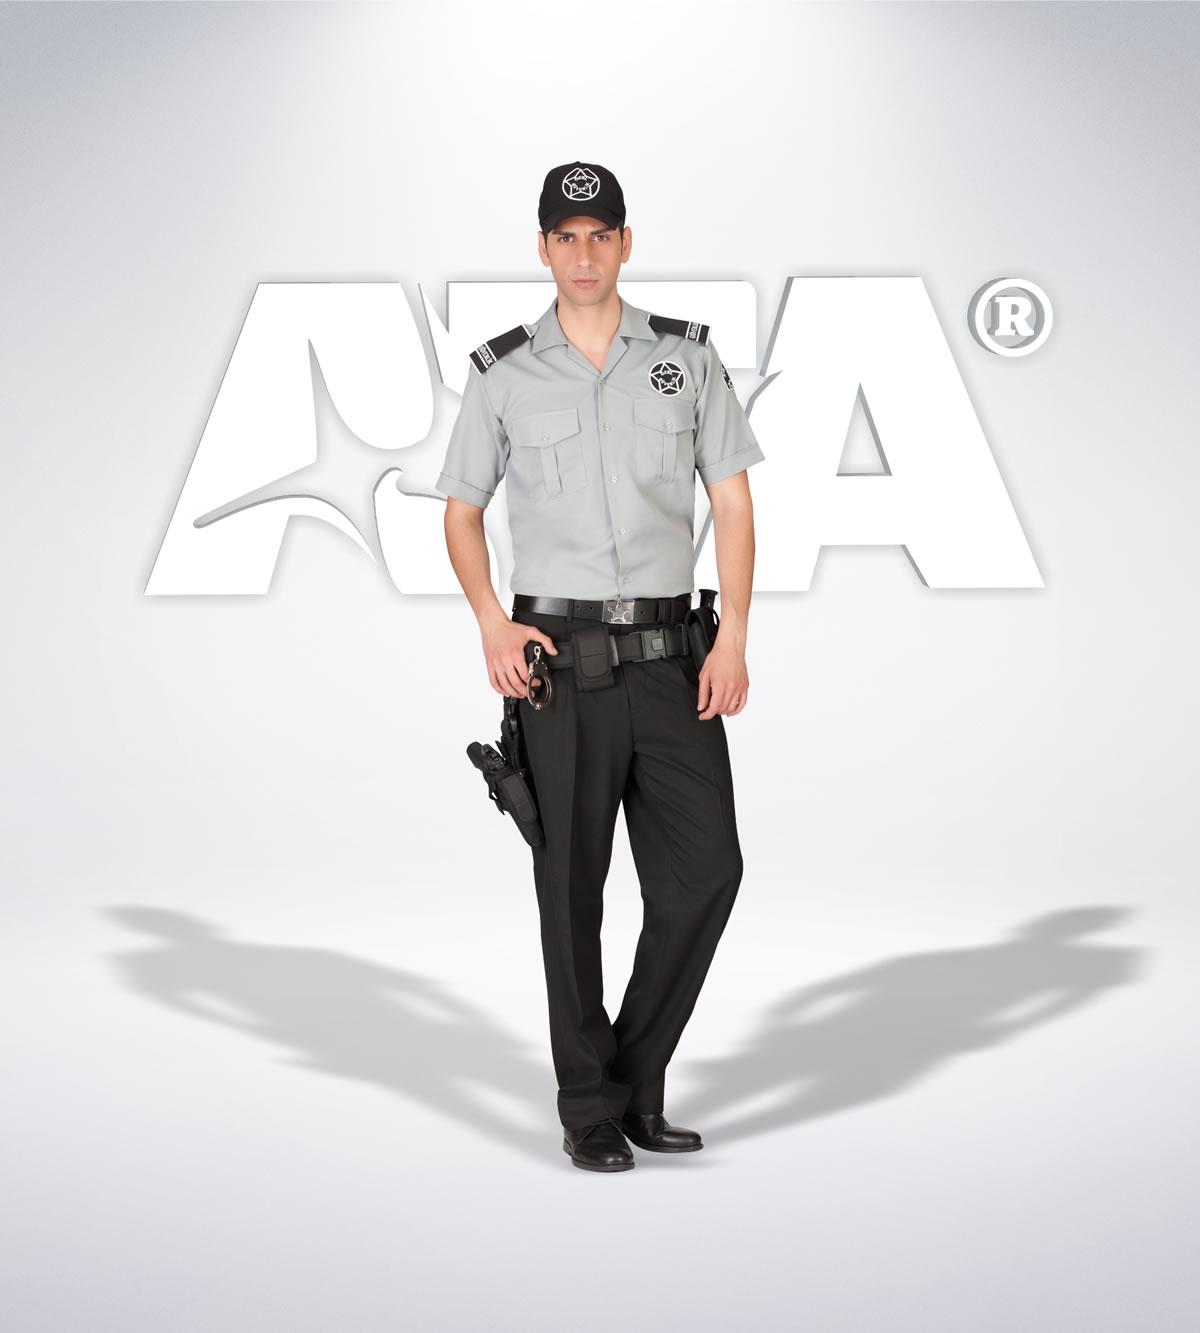 ATA 113 - Pantolon yazlık - gömlek yazlık-kışlık - aksesuar - güvenlik elbiseleri | güvenlik üniformaları | güvenlik kıyafetleri